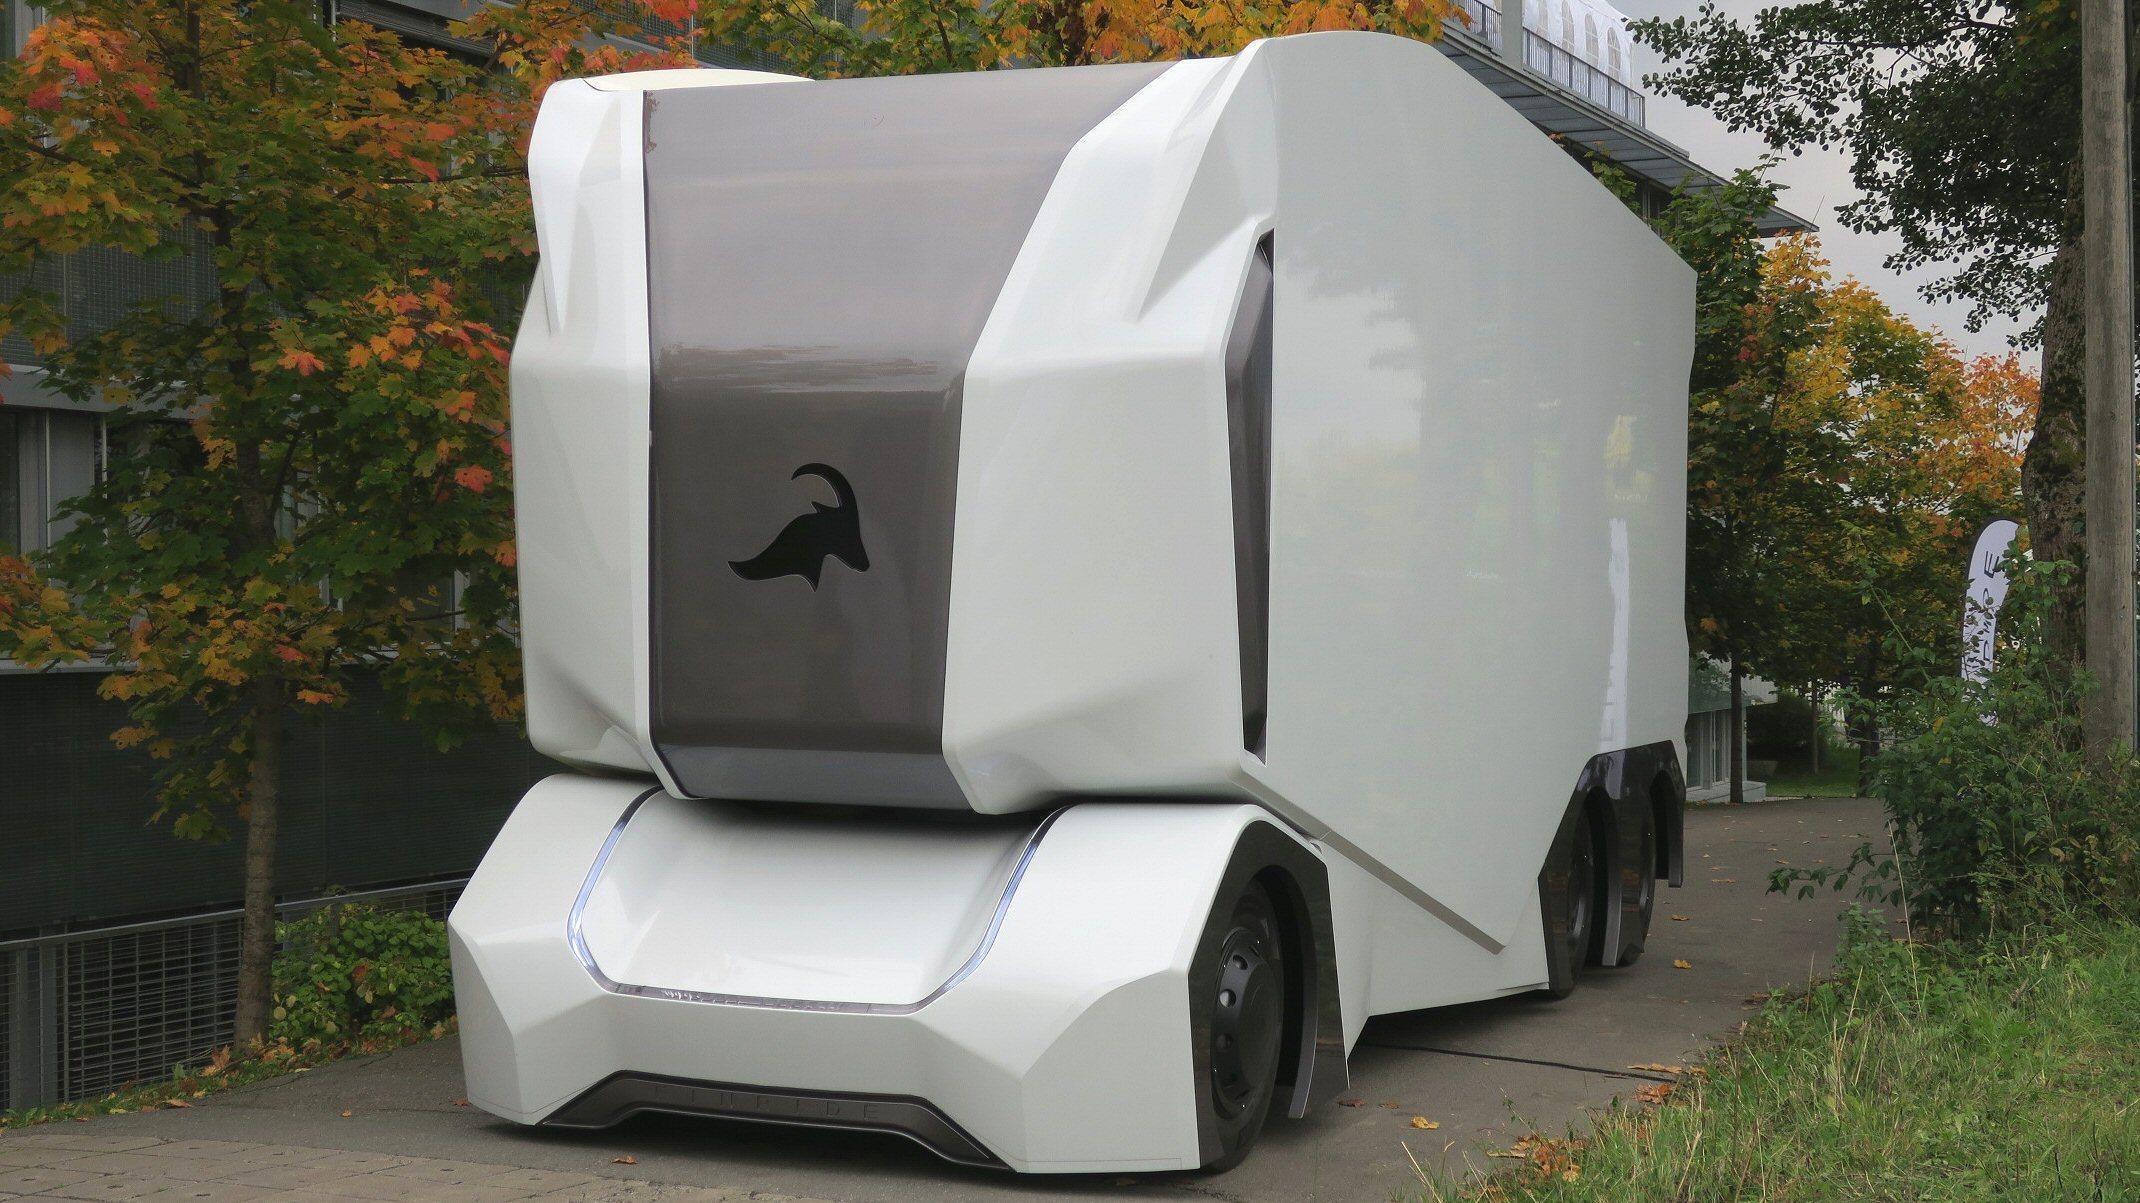 Denne førerløse lastebilen kan være en smakebit på framtiden